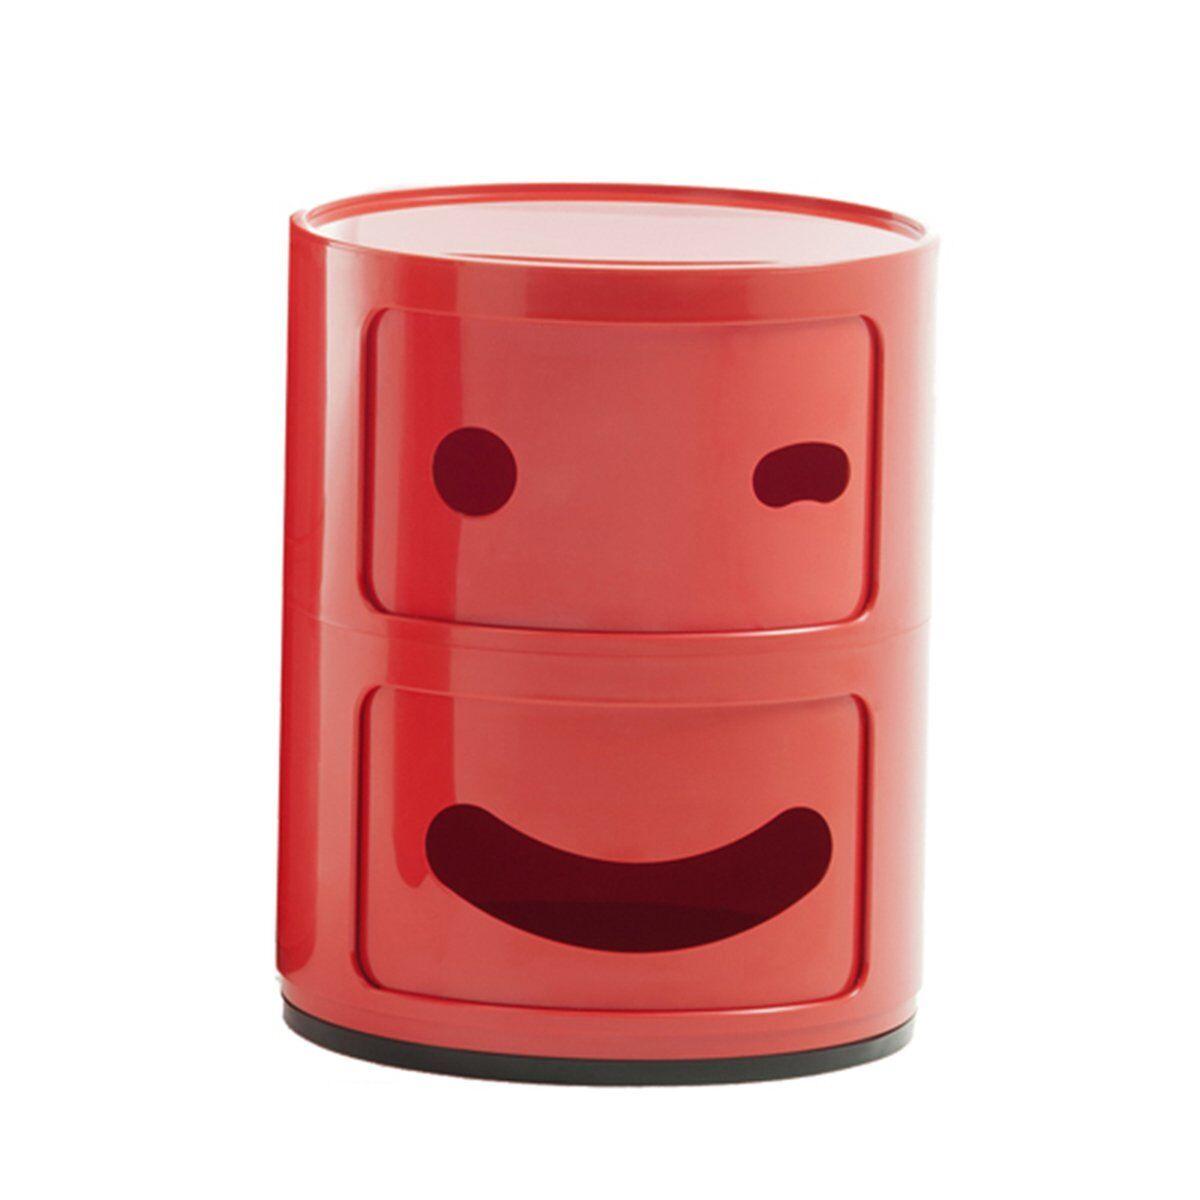 Kartell Componibili Smile s�ilytyskaluste 3, 2-osainen, punainen